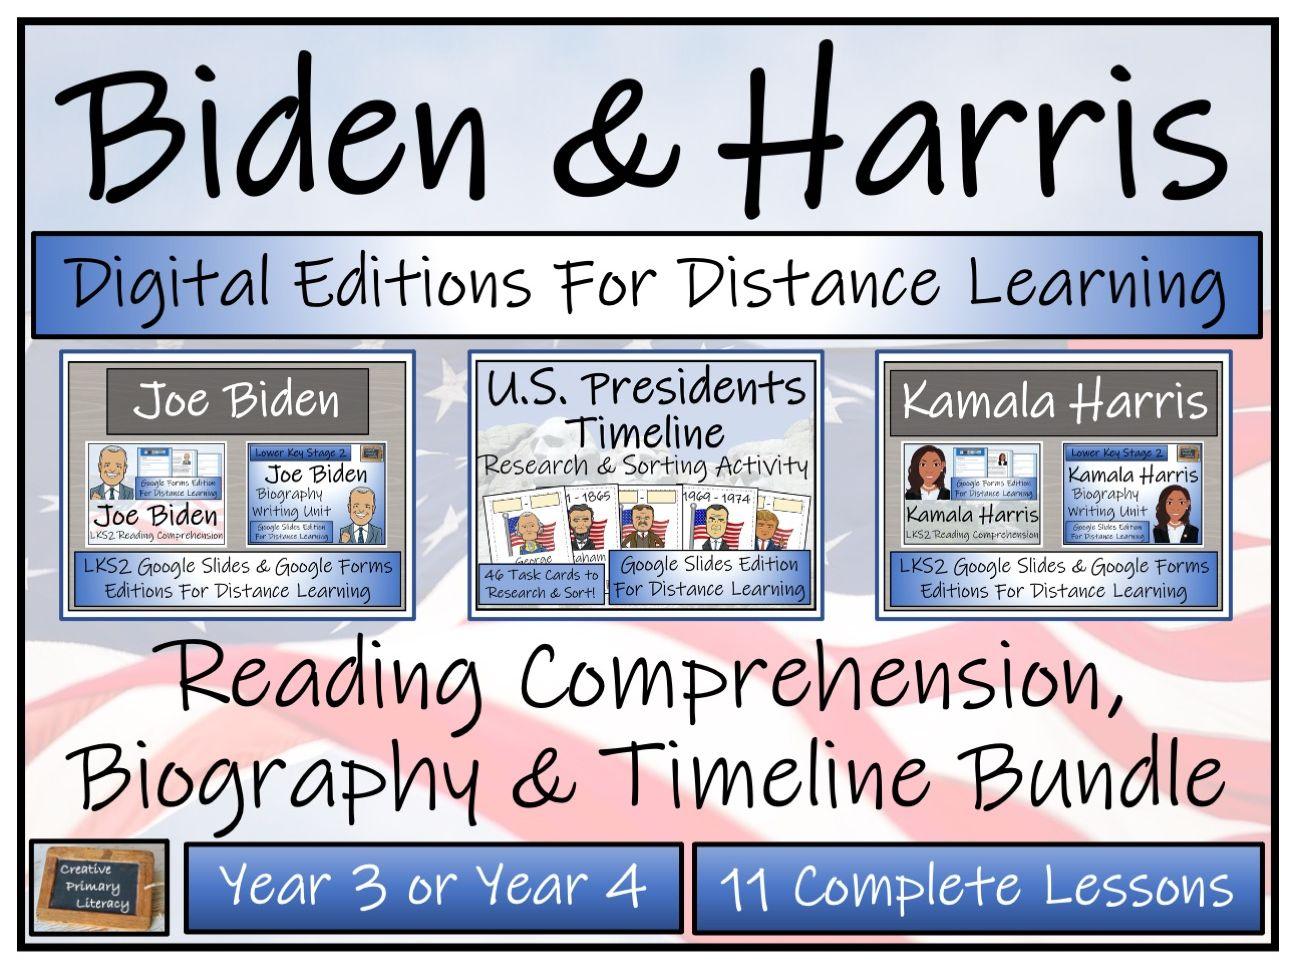 LKS2 Biden & Harris Digital Reading Comprehension, Biography & Timeline Bundle